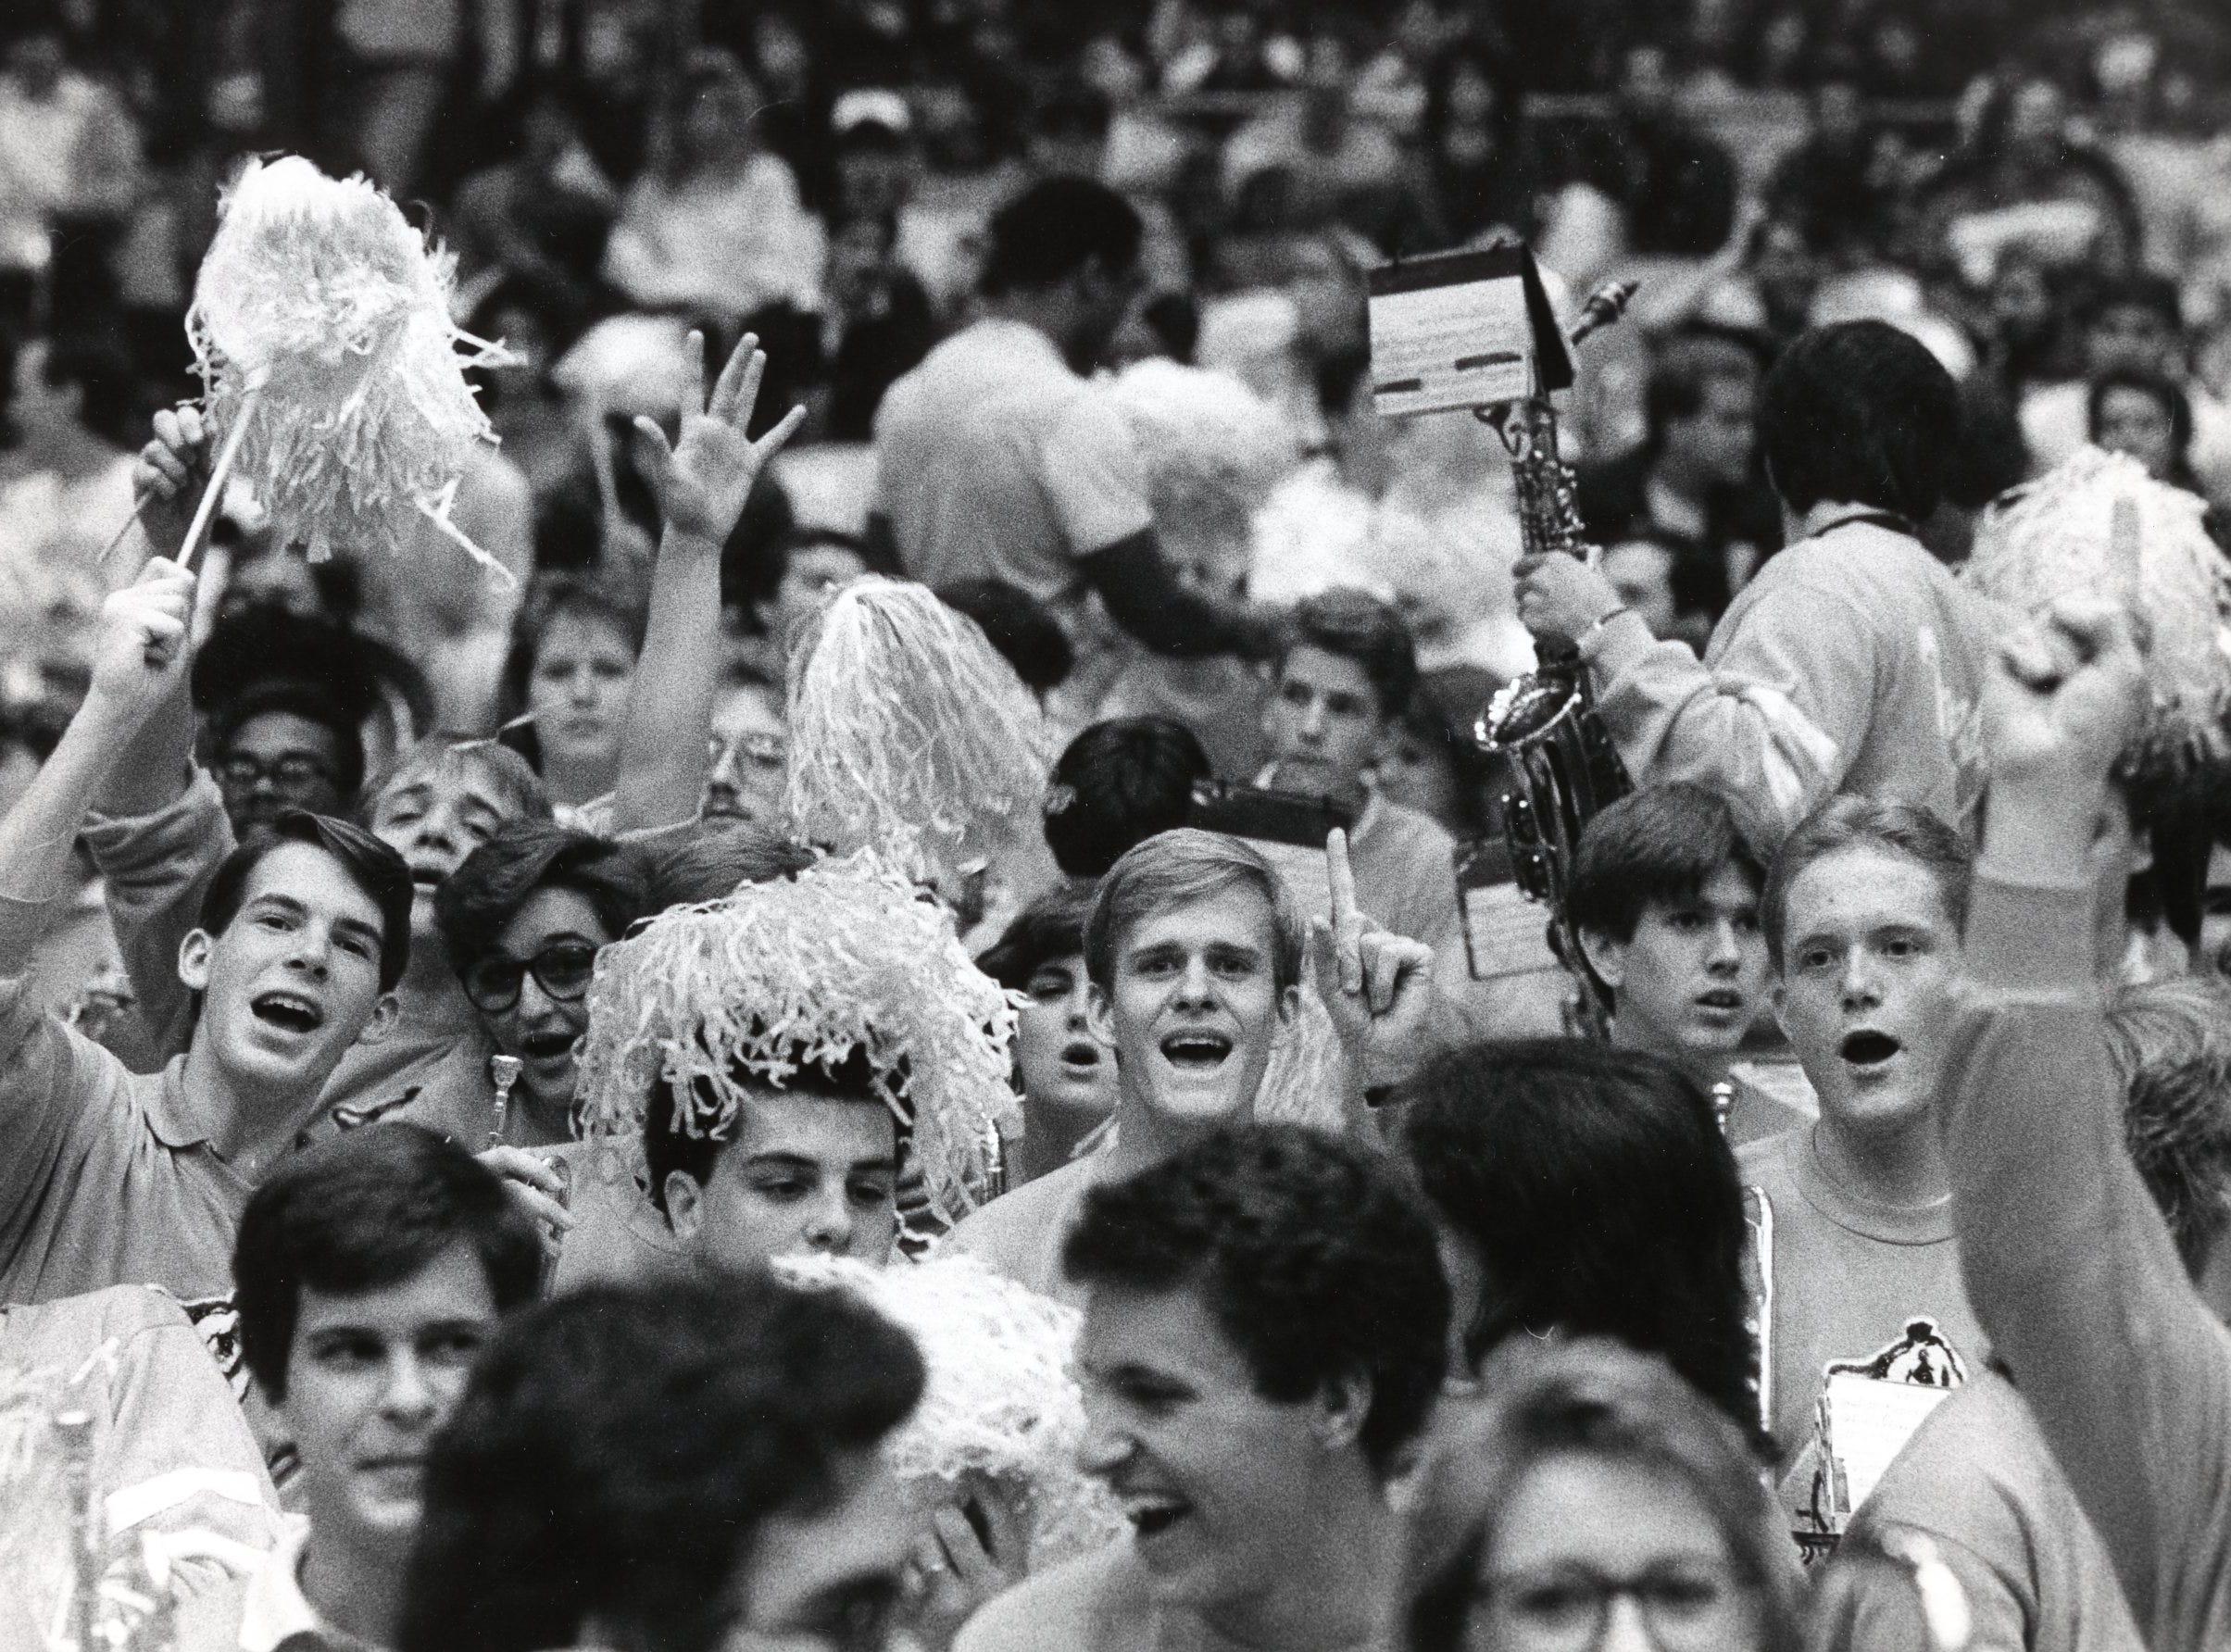 UT basketball fans in January 1987.